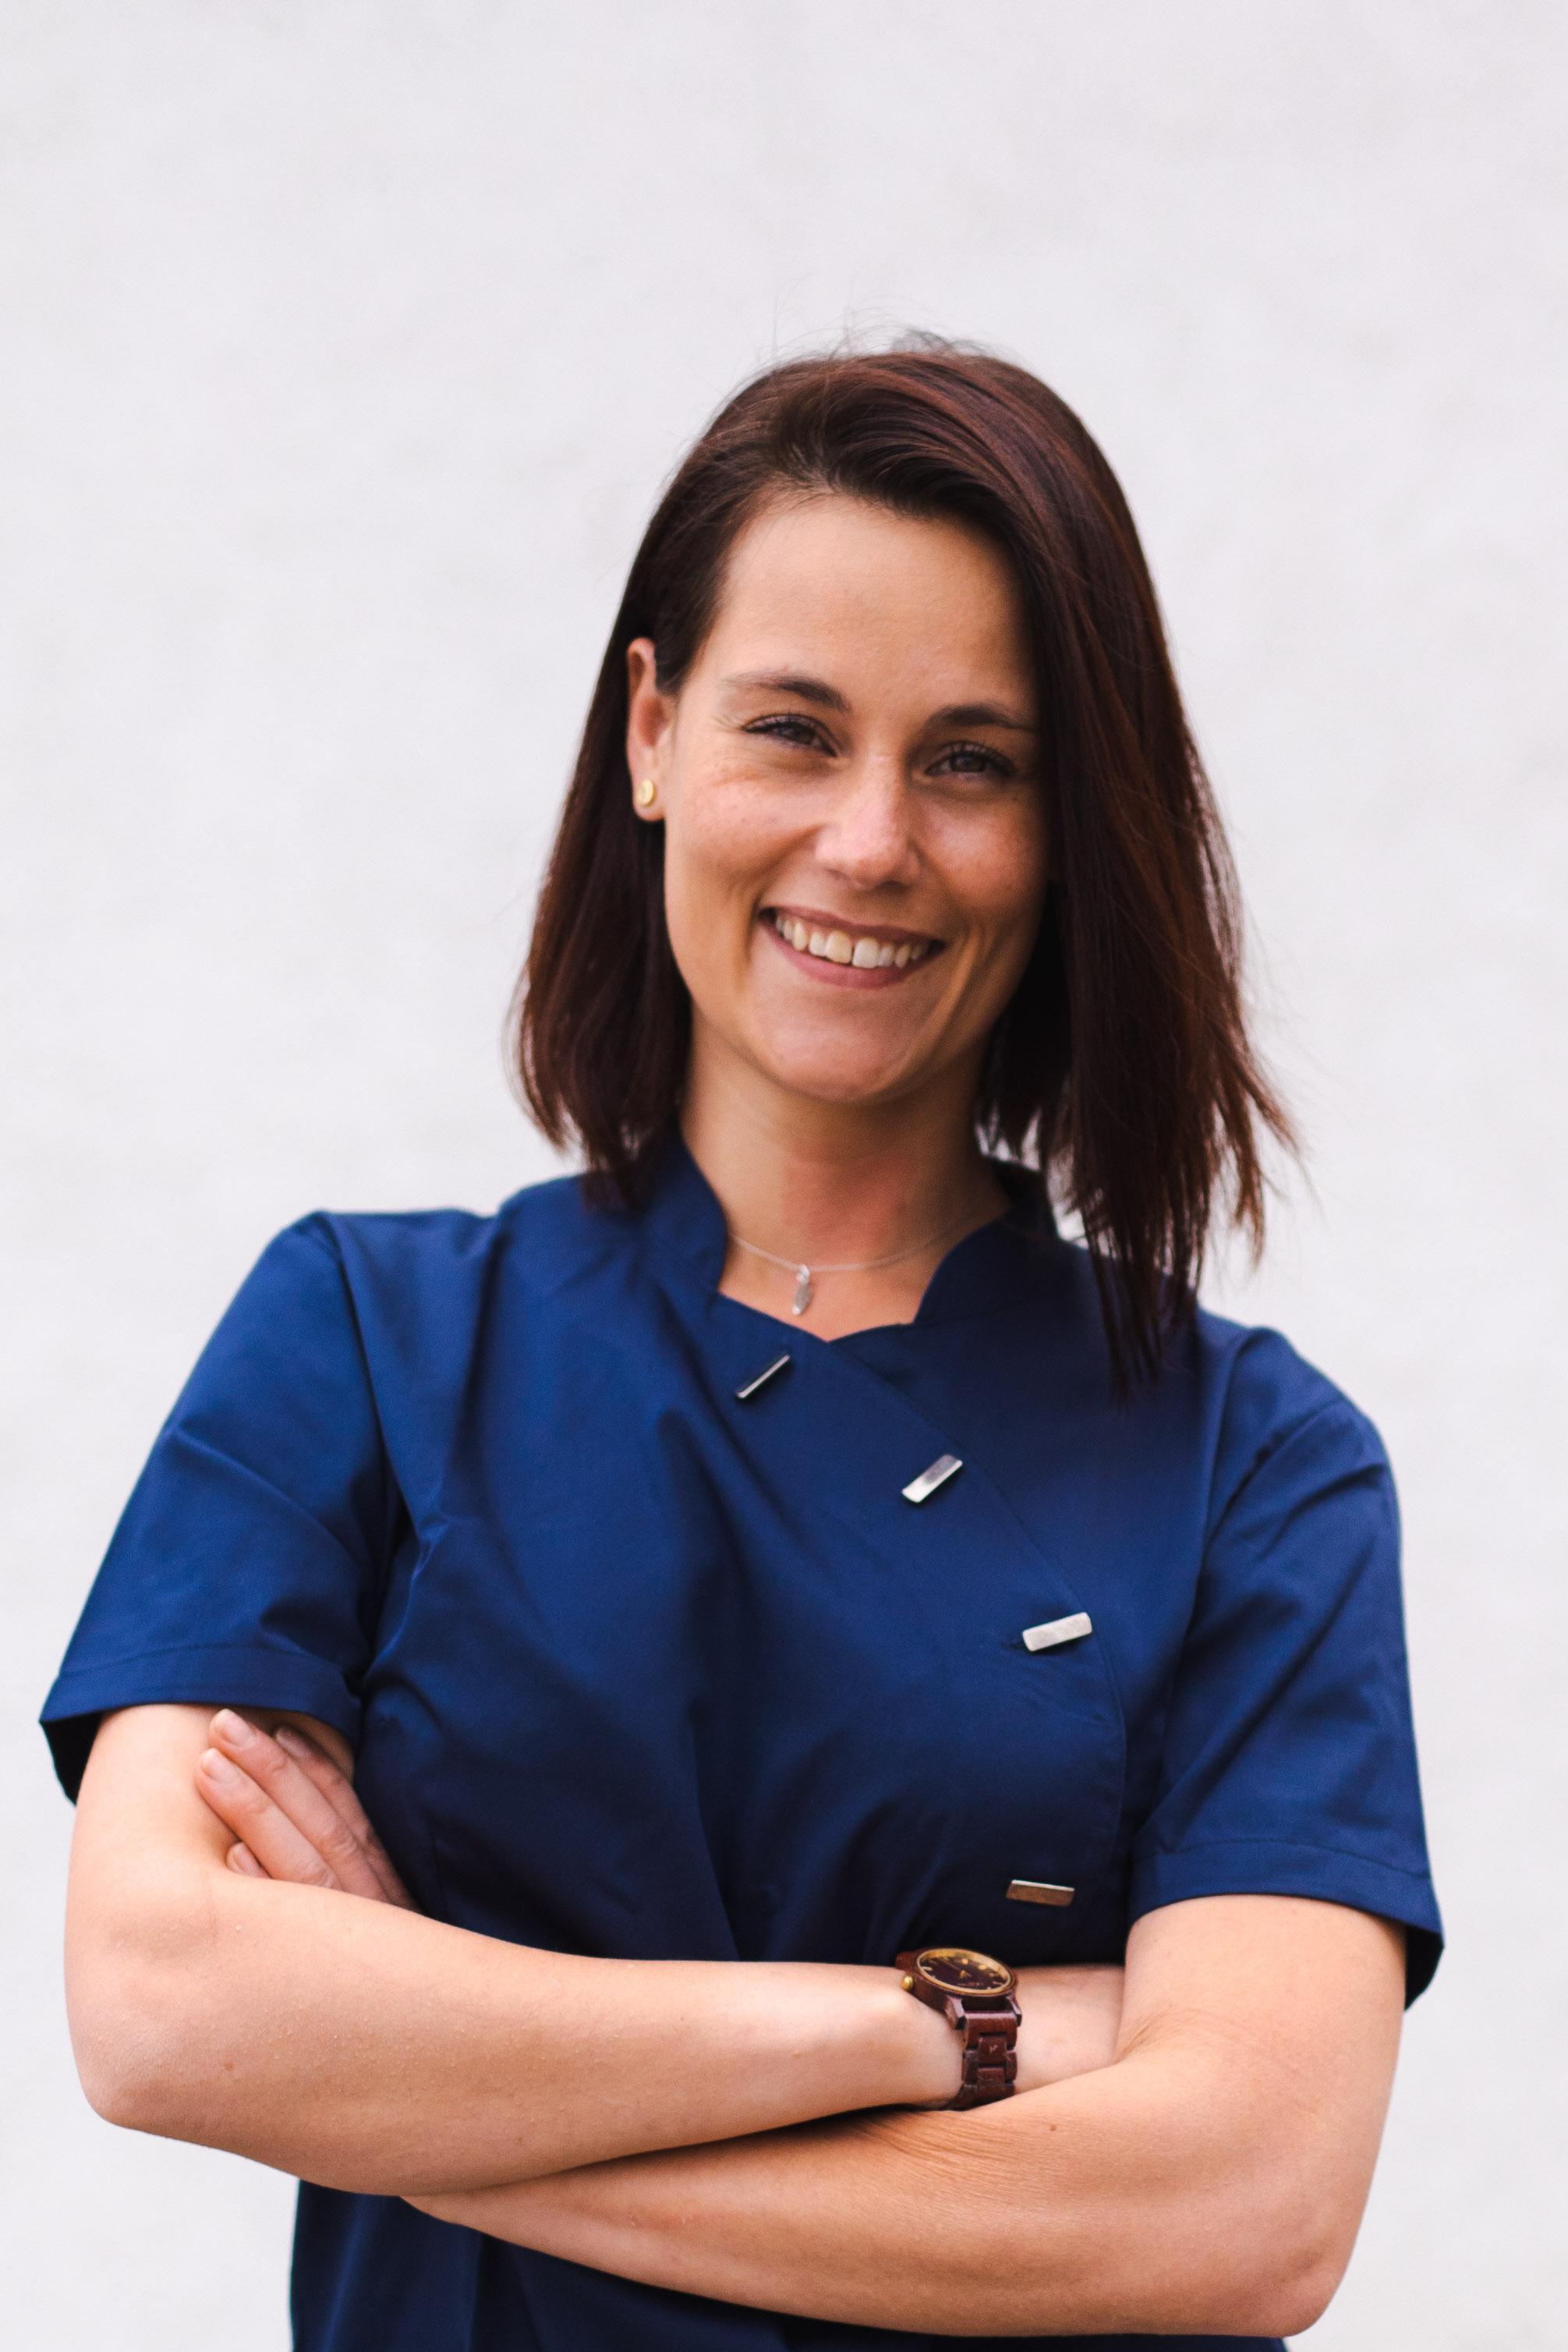 Bettina Röder